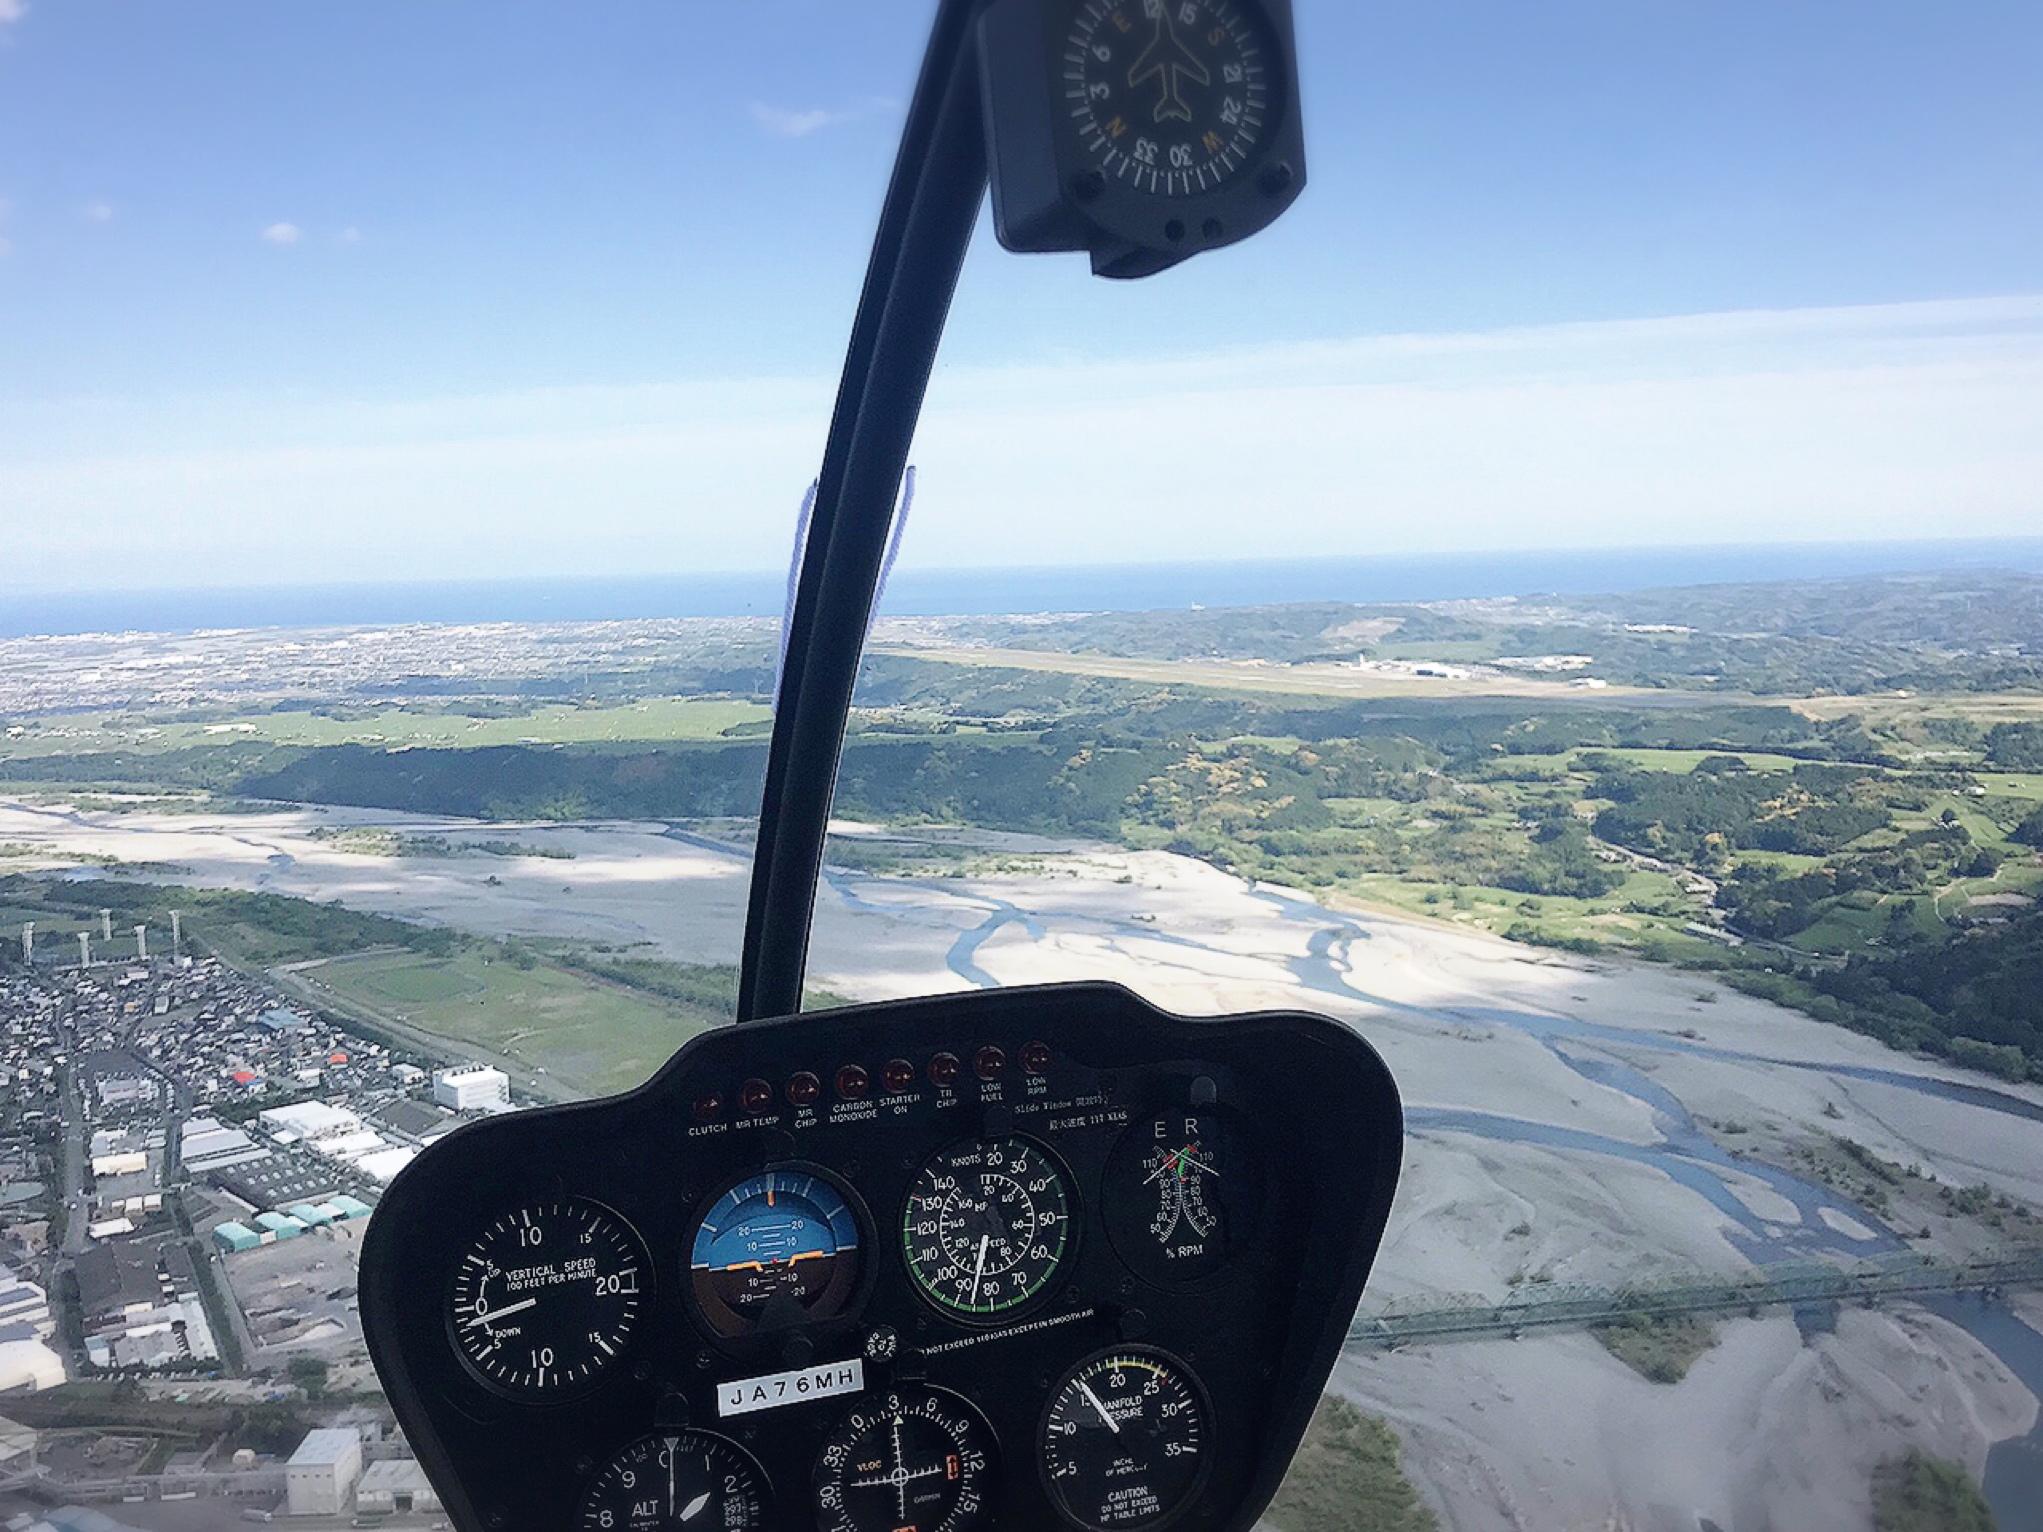 【静岡】NEW! 8月よりスタート◡̈✧。ヘリコプターでの遊覧飛行!上空散歩でTHEインスタ映え!_4